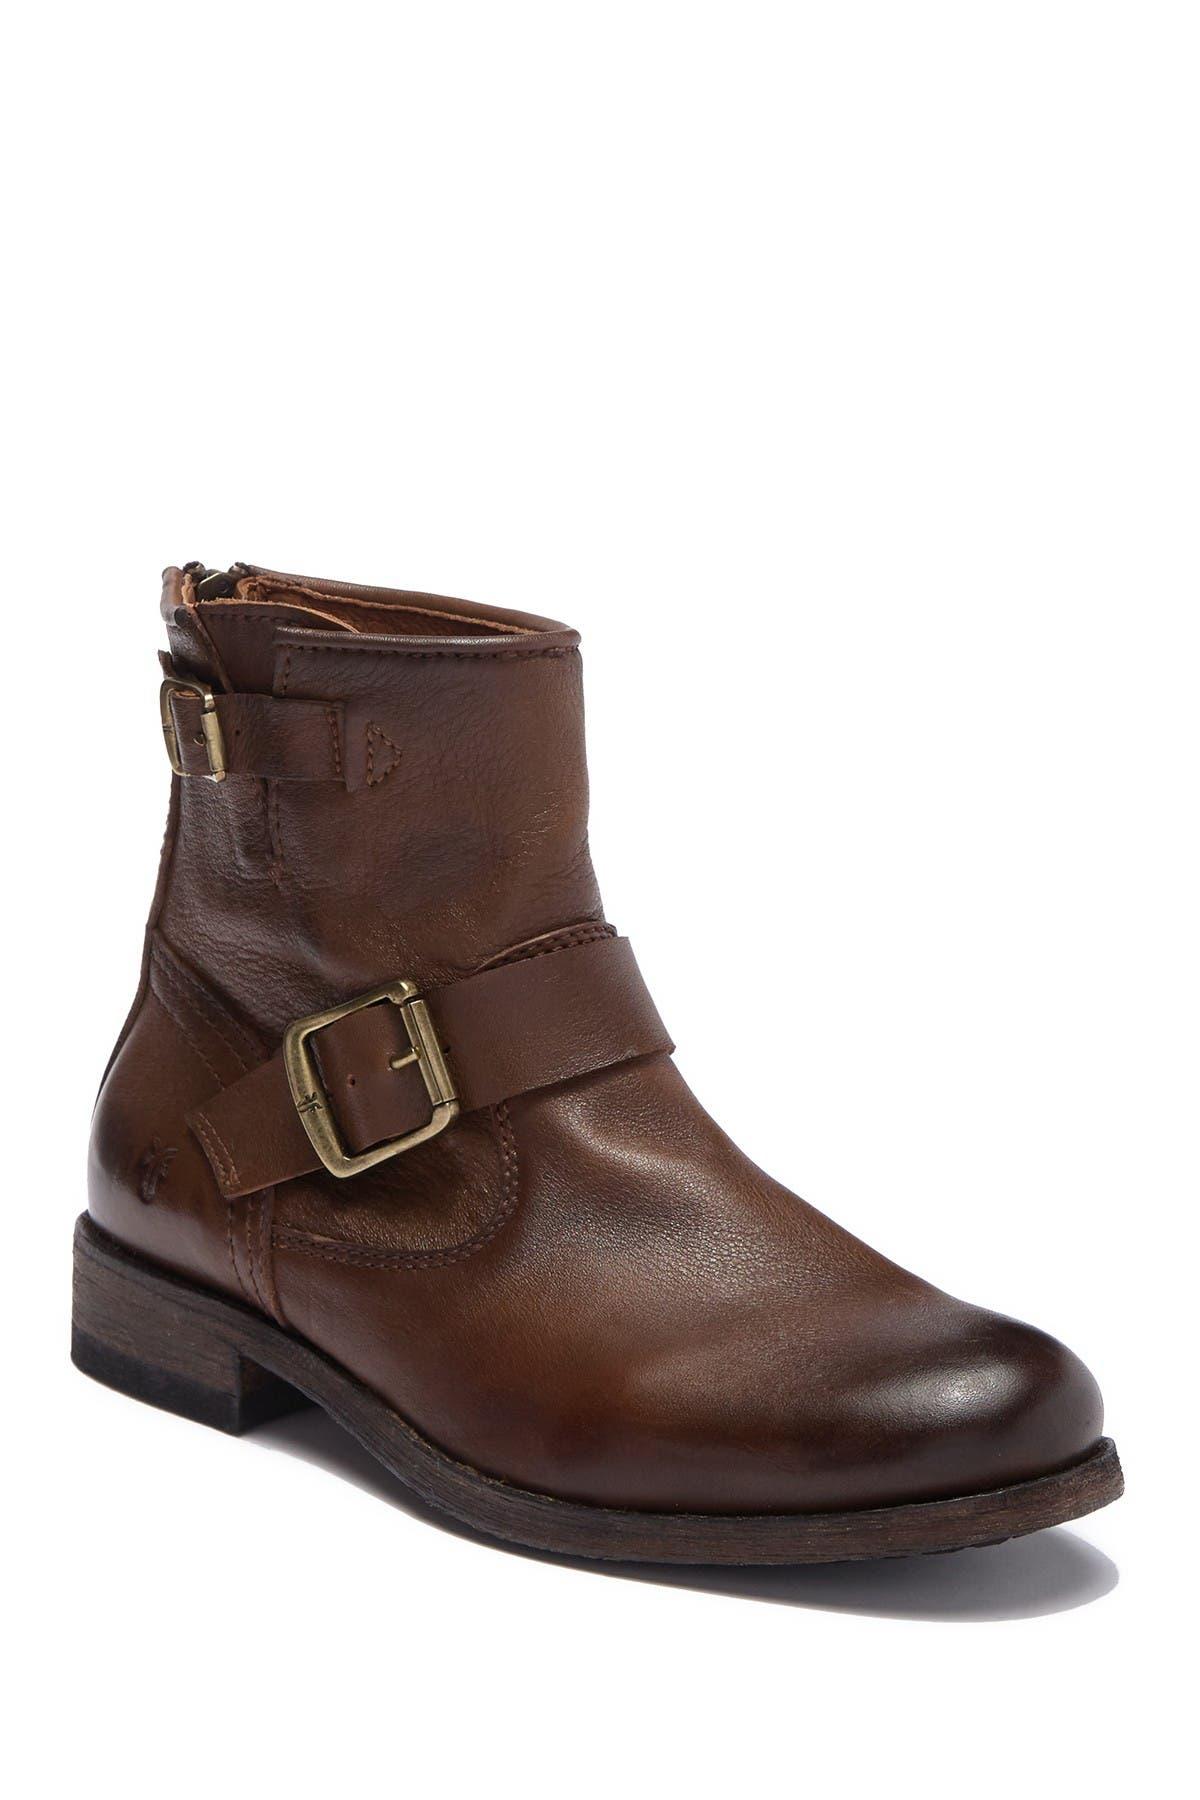 Frye | Tyler Engineer Leather Boot